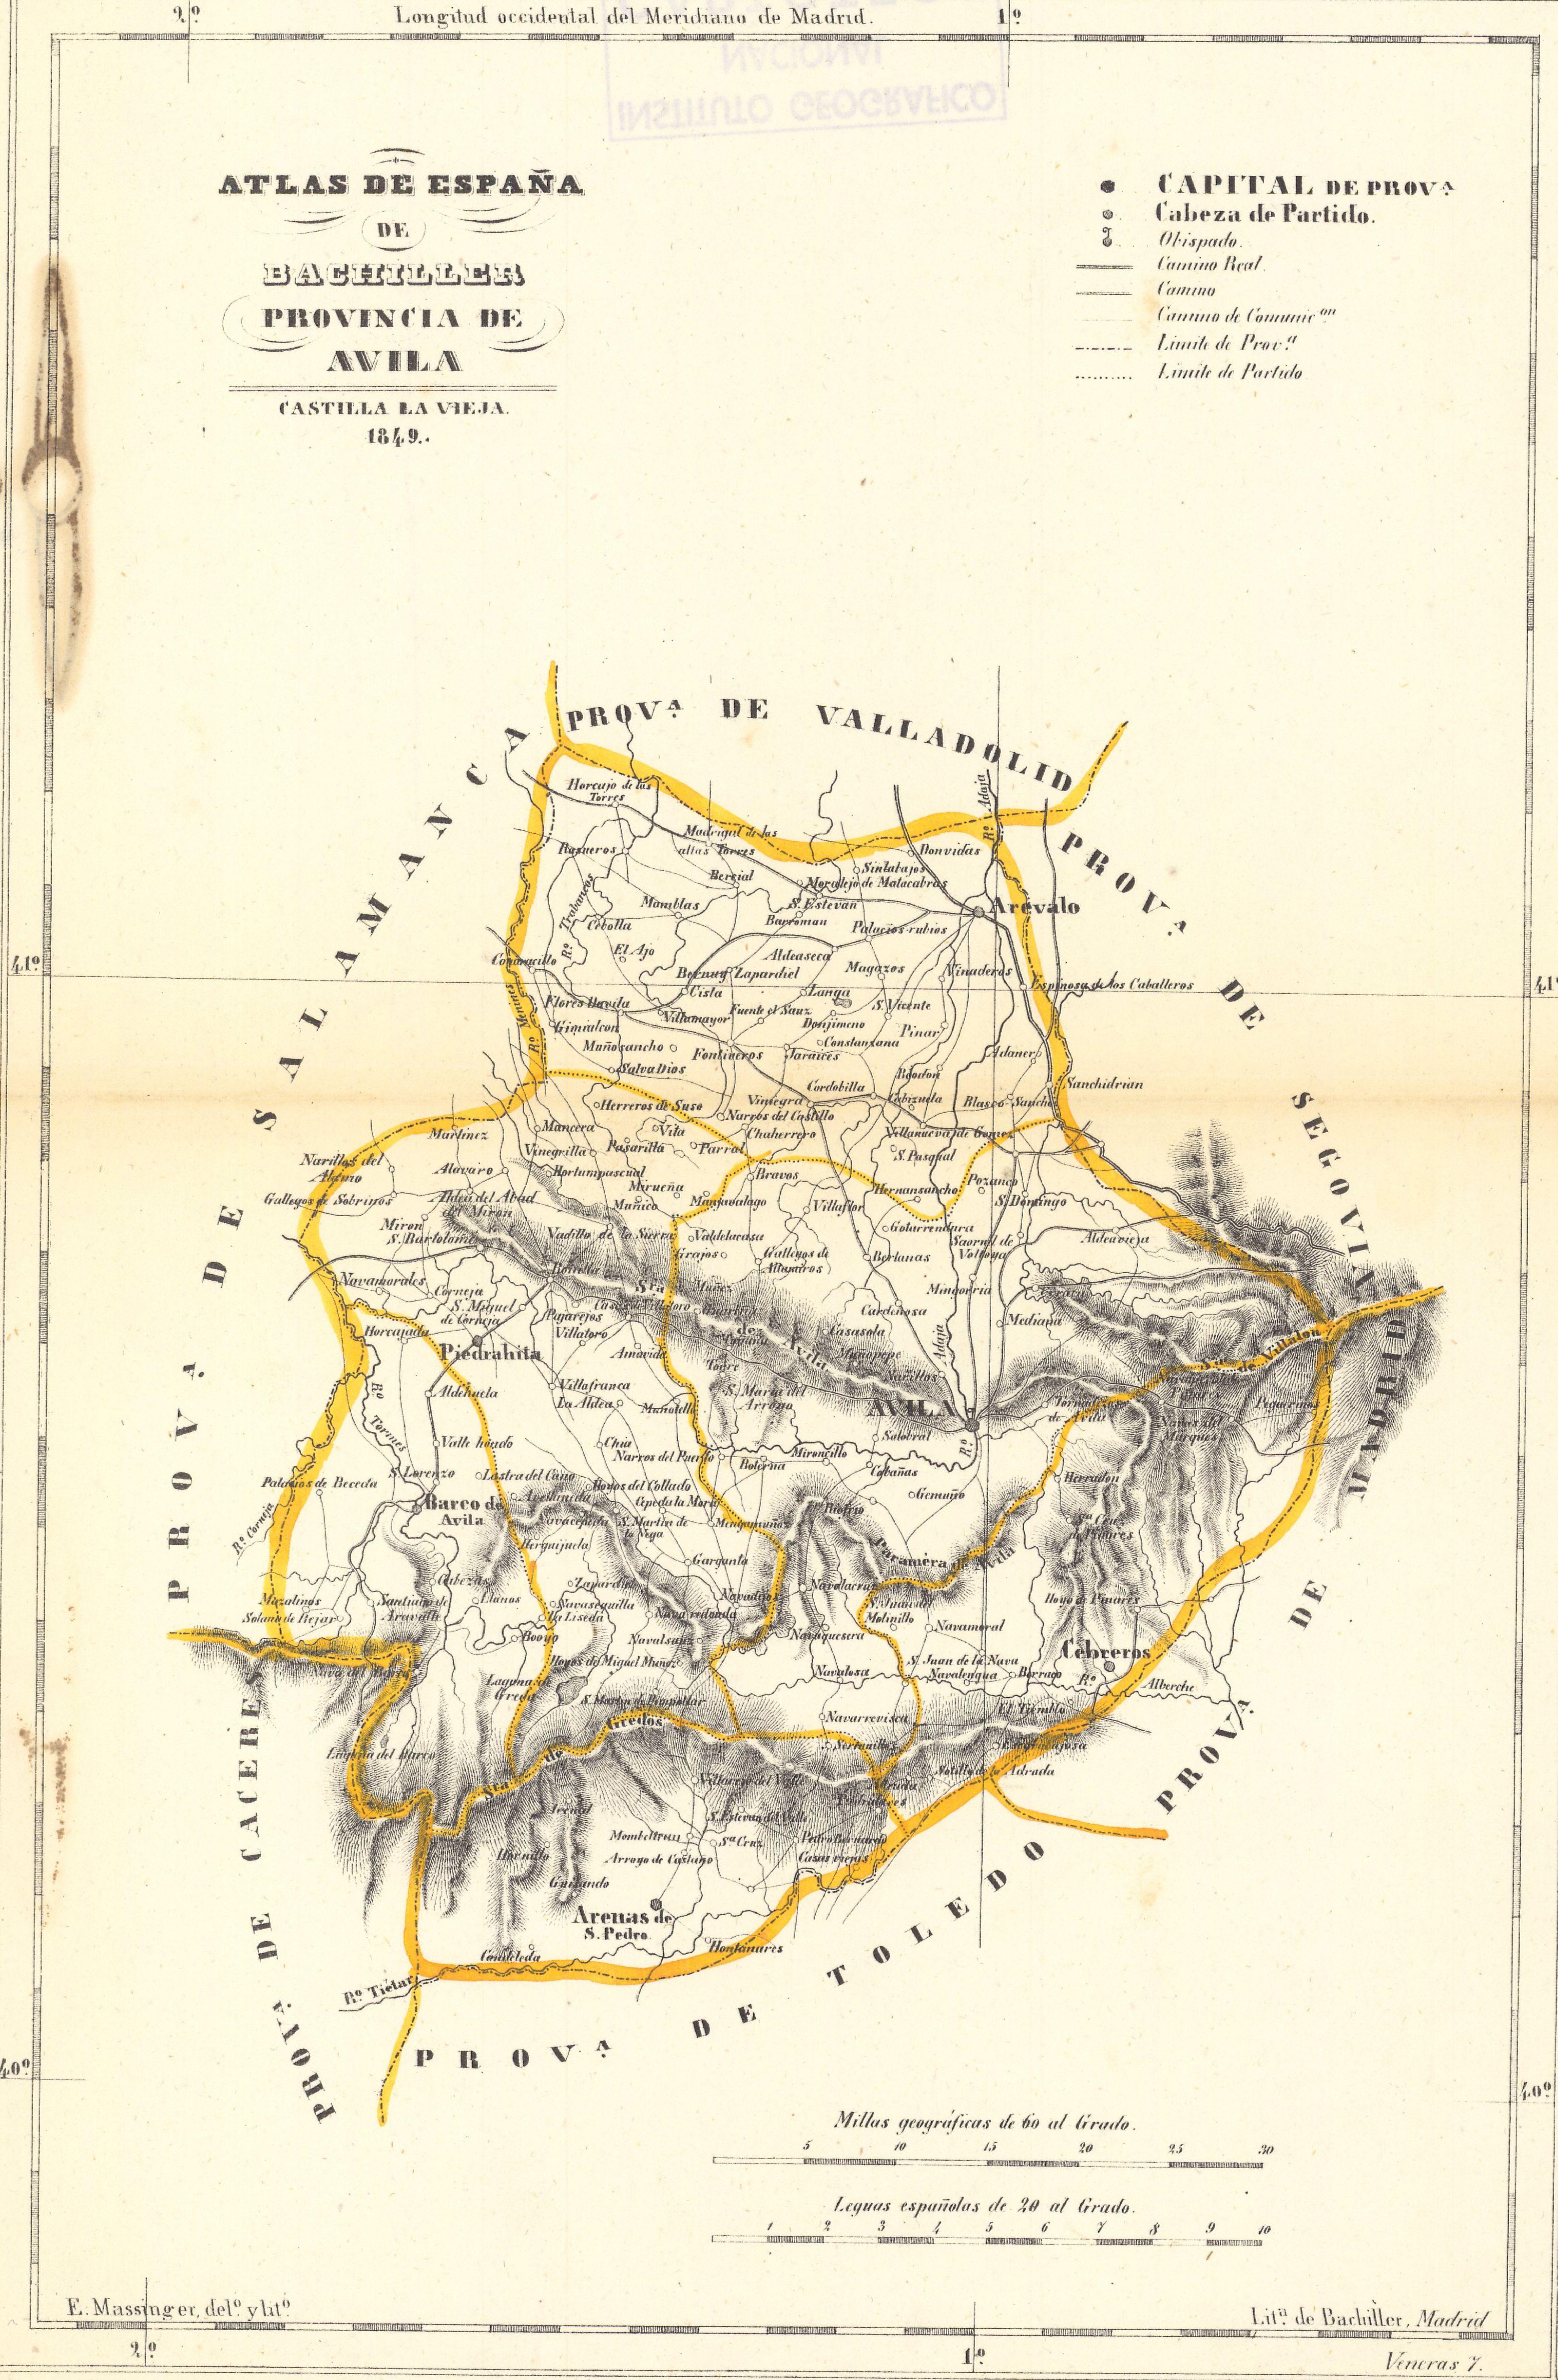 Mapa de la Provincia de Ávila 1849